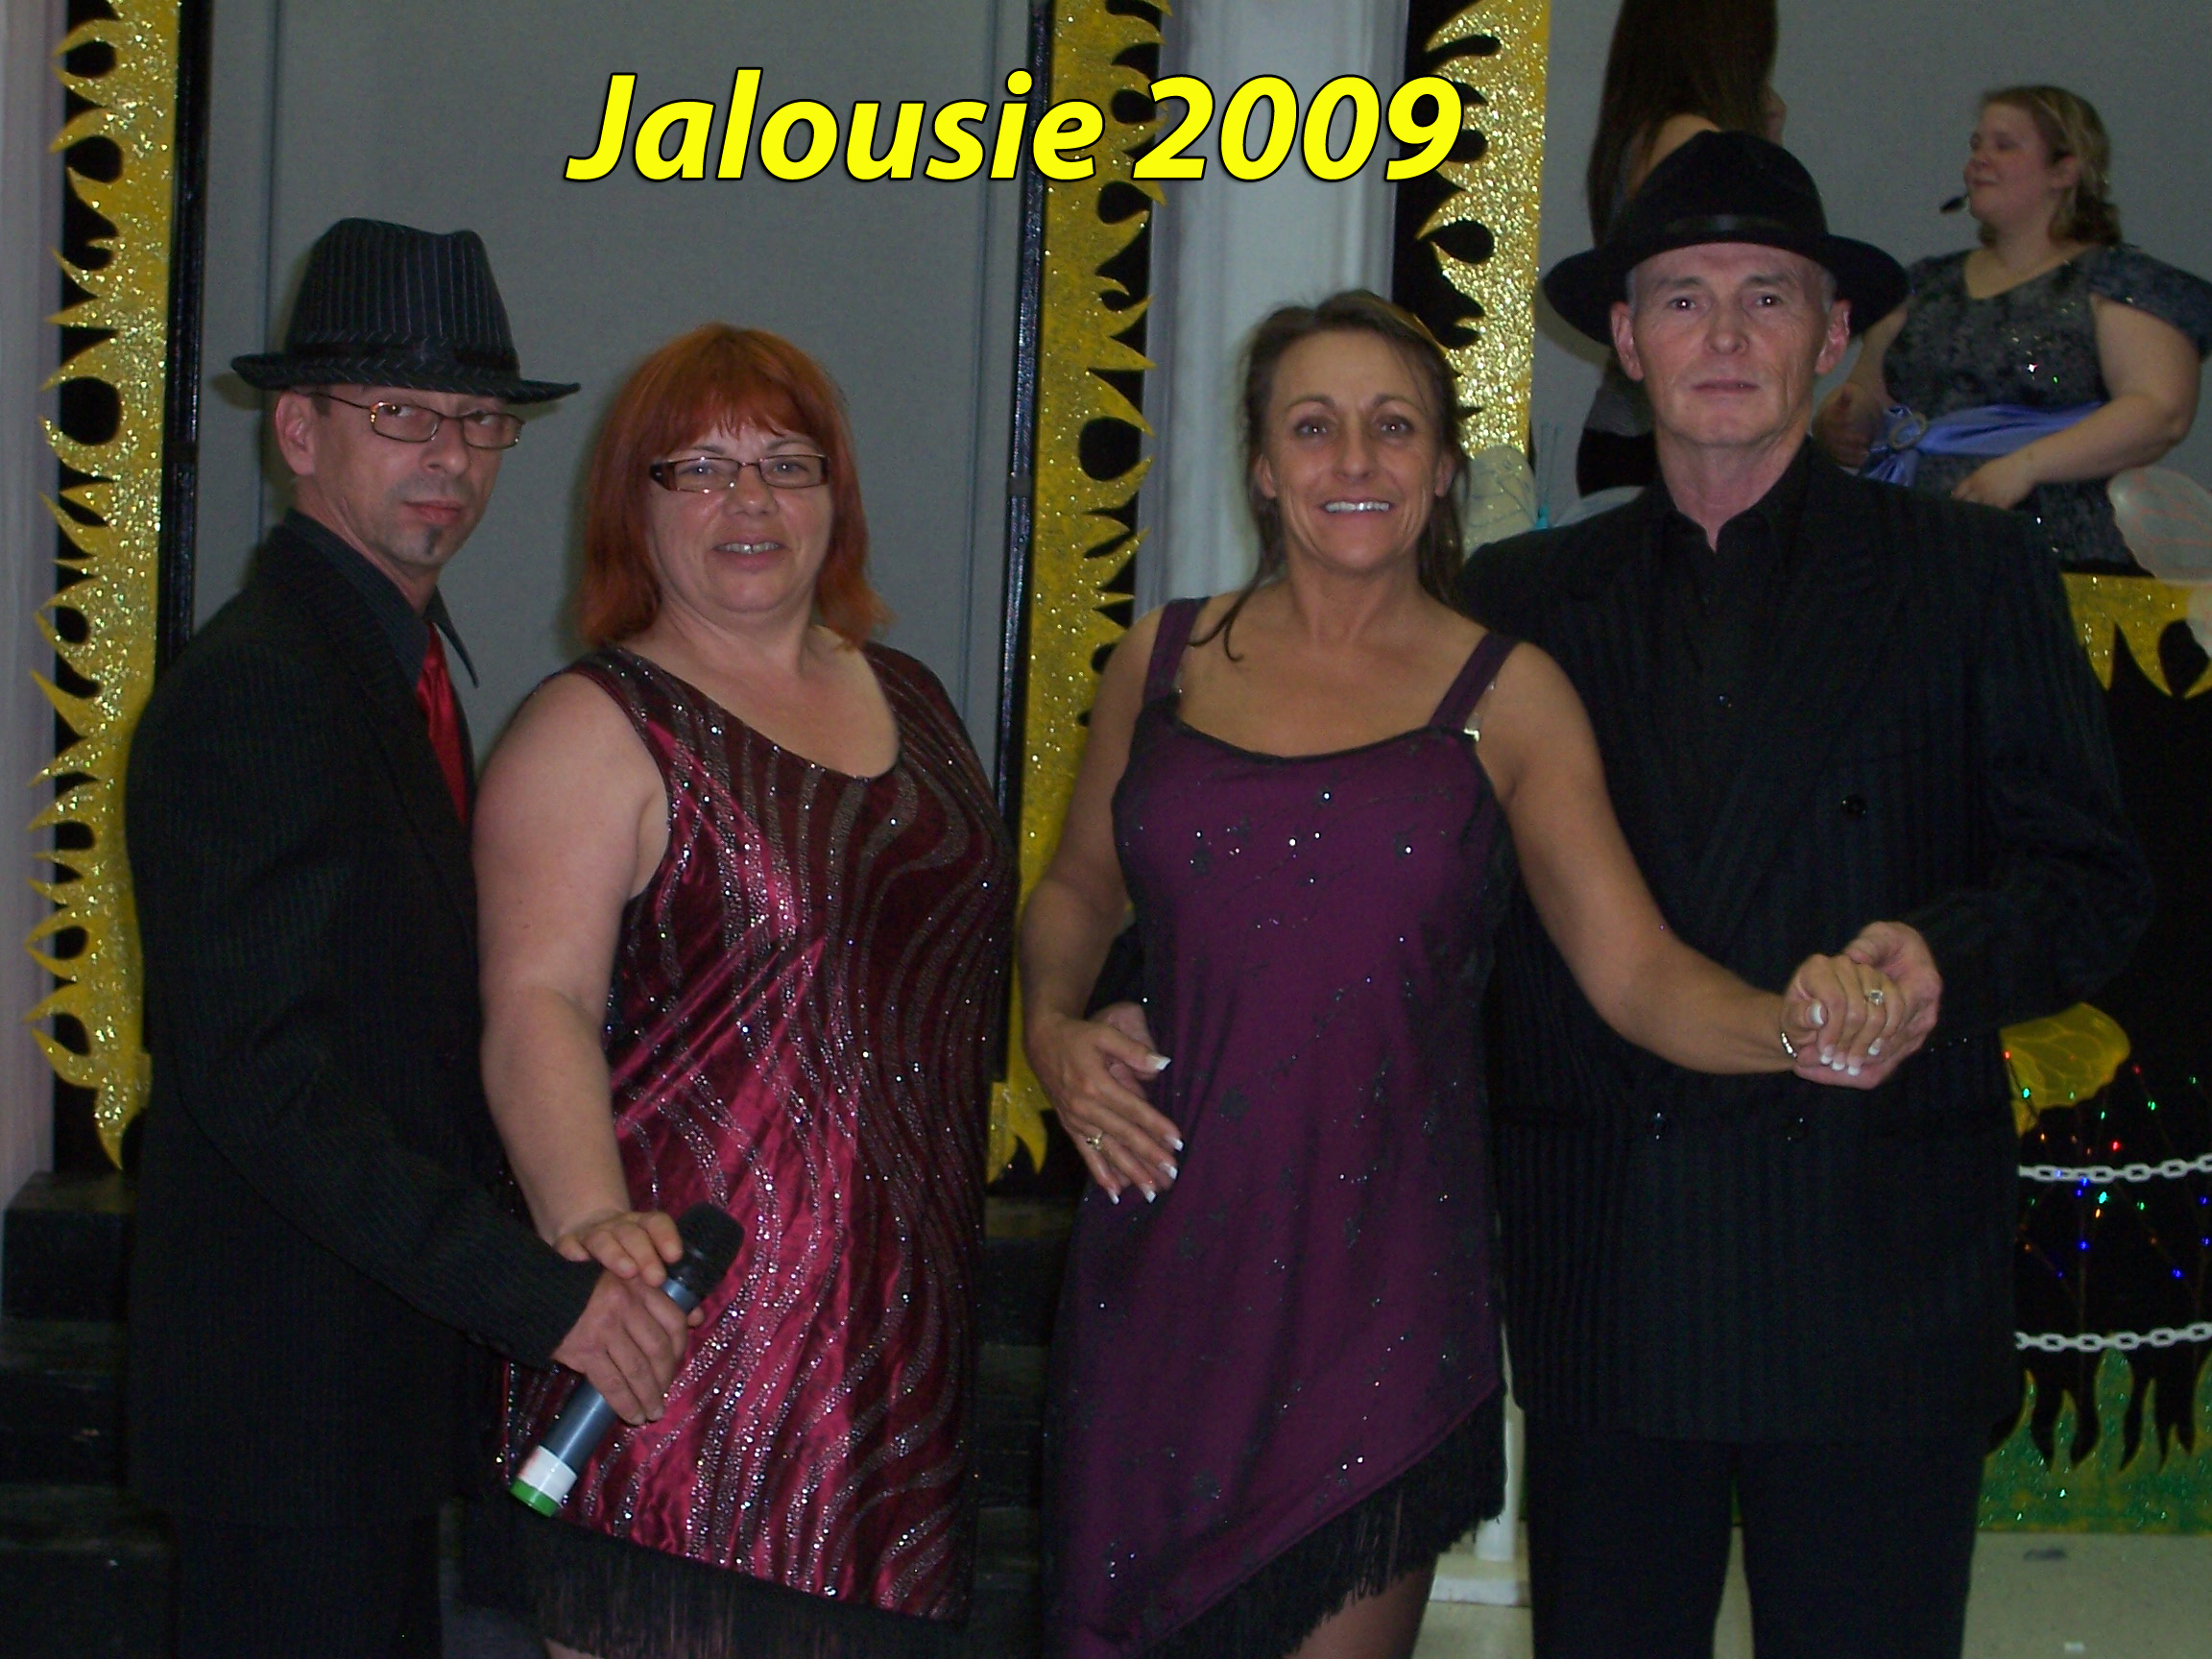 Jalousie 2009